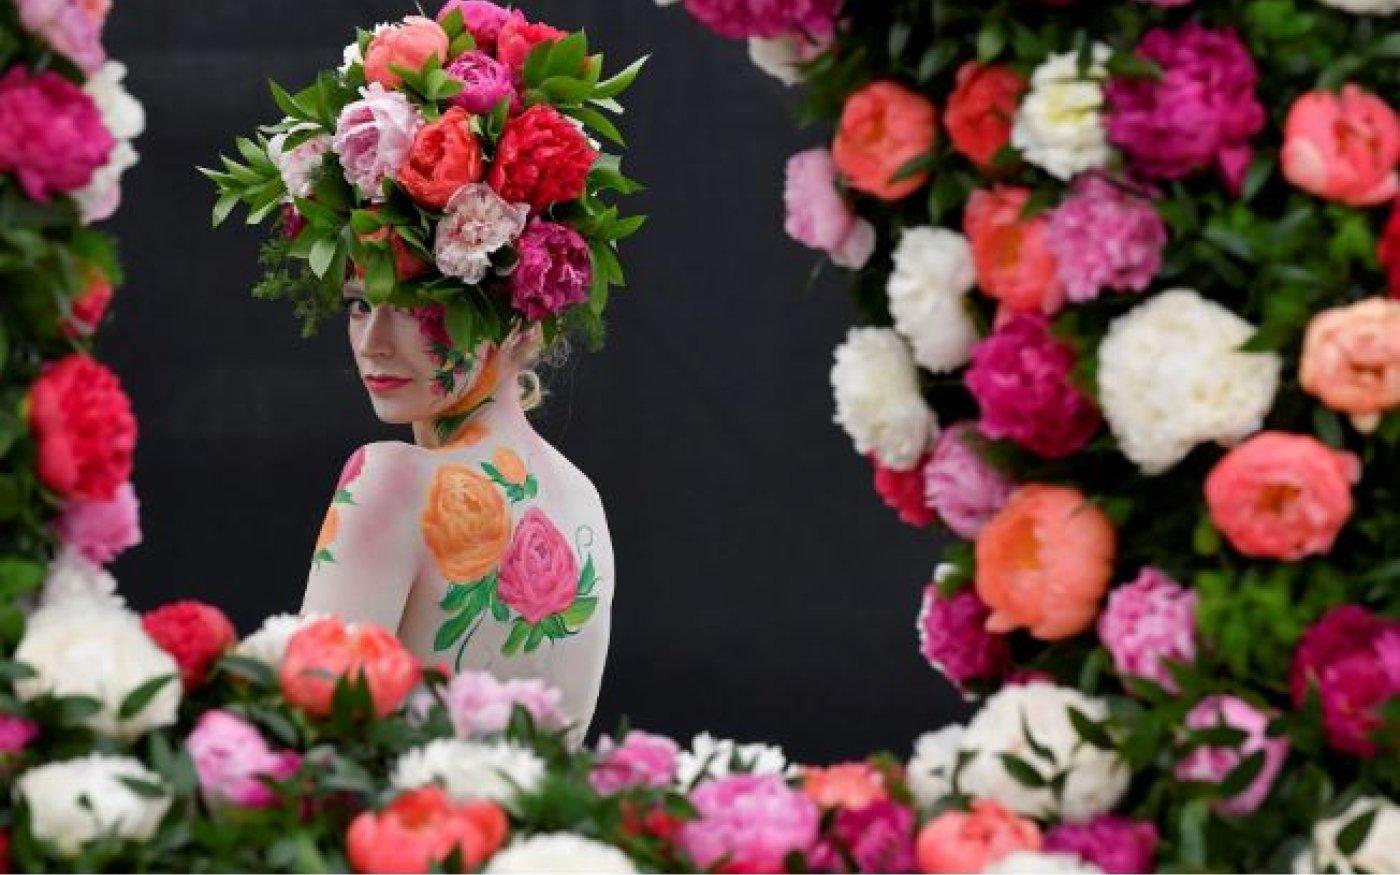 Μοντέλο ποζάρει με παιώνιες ζωγραφισμένες στο σώμα της στο Show λουλουδιών της Chelsea! - Reuters    - Κυρίως Φωτογραφία - Gallery - Video